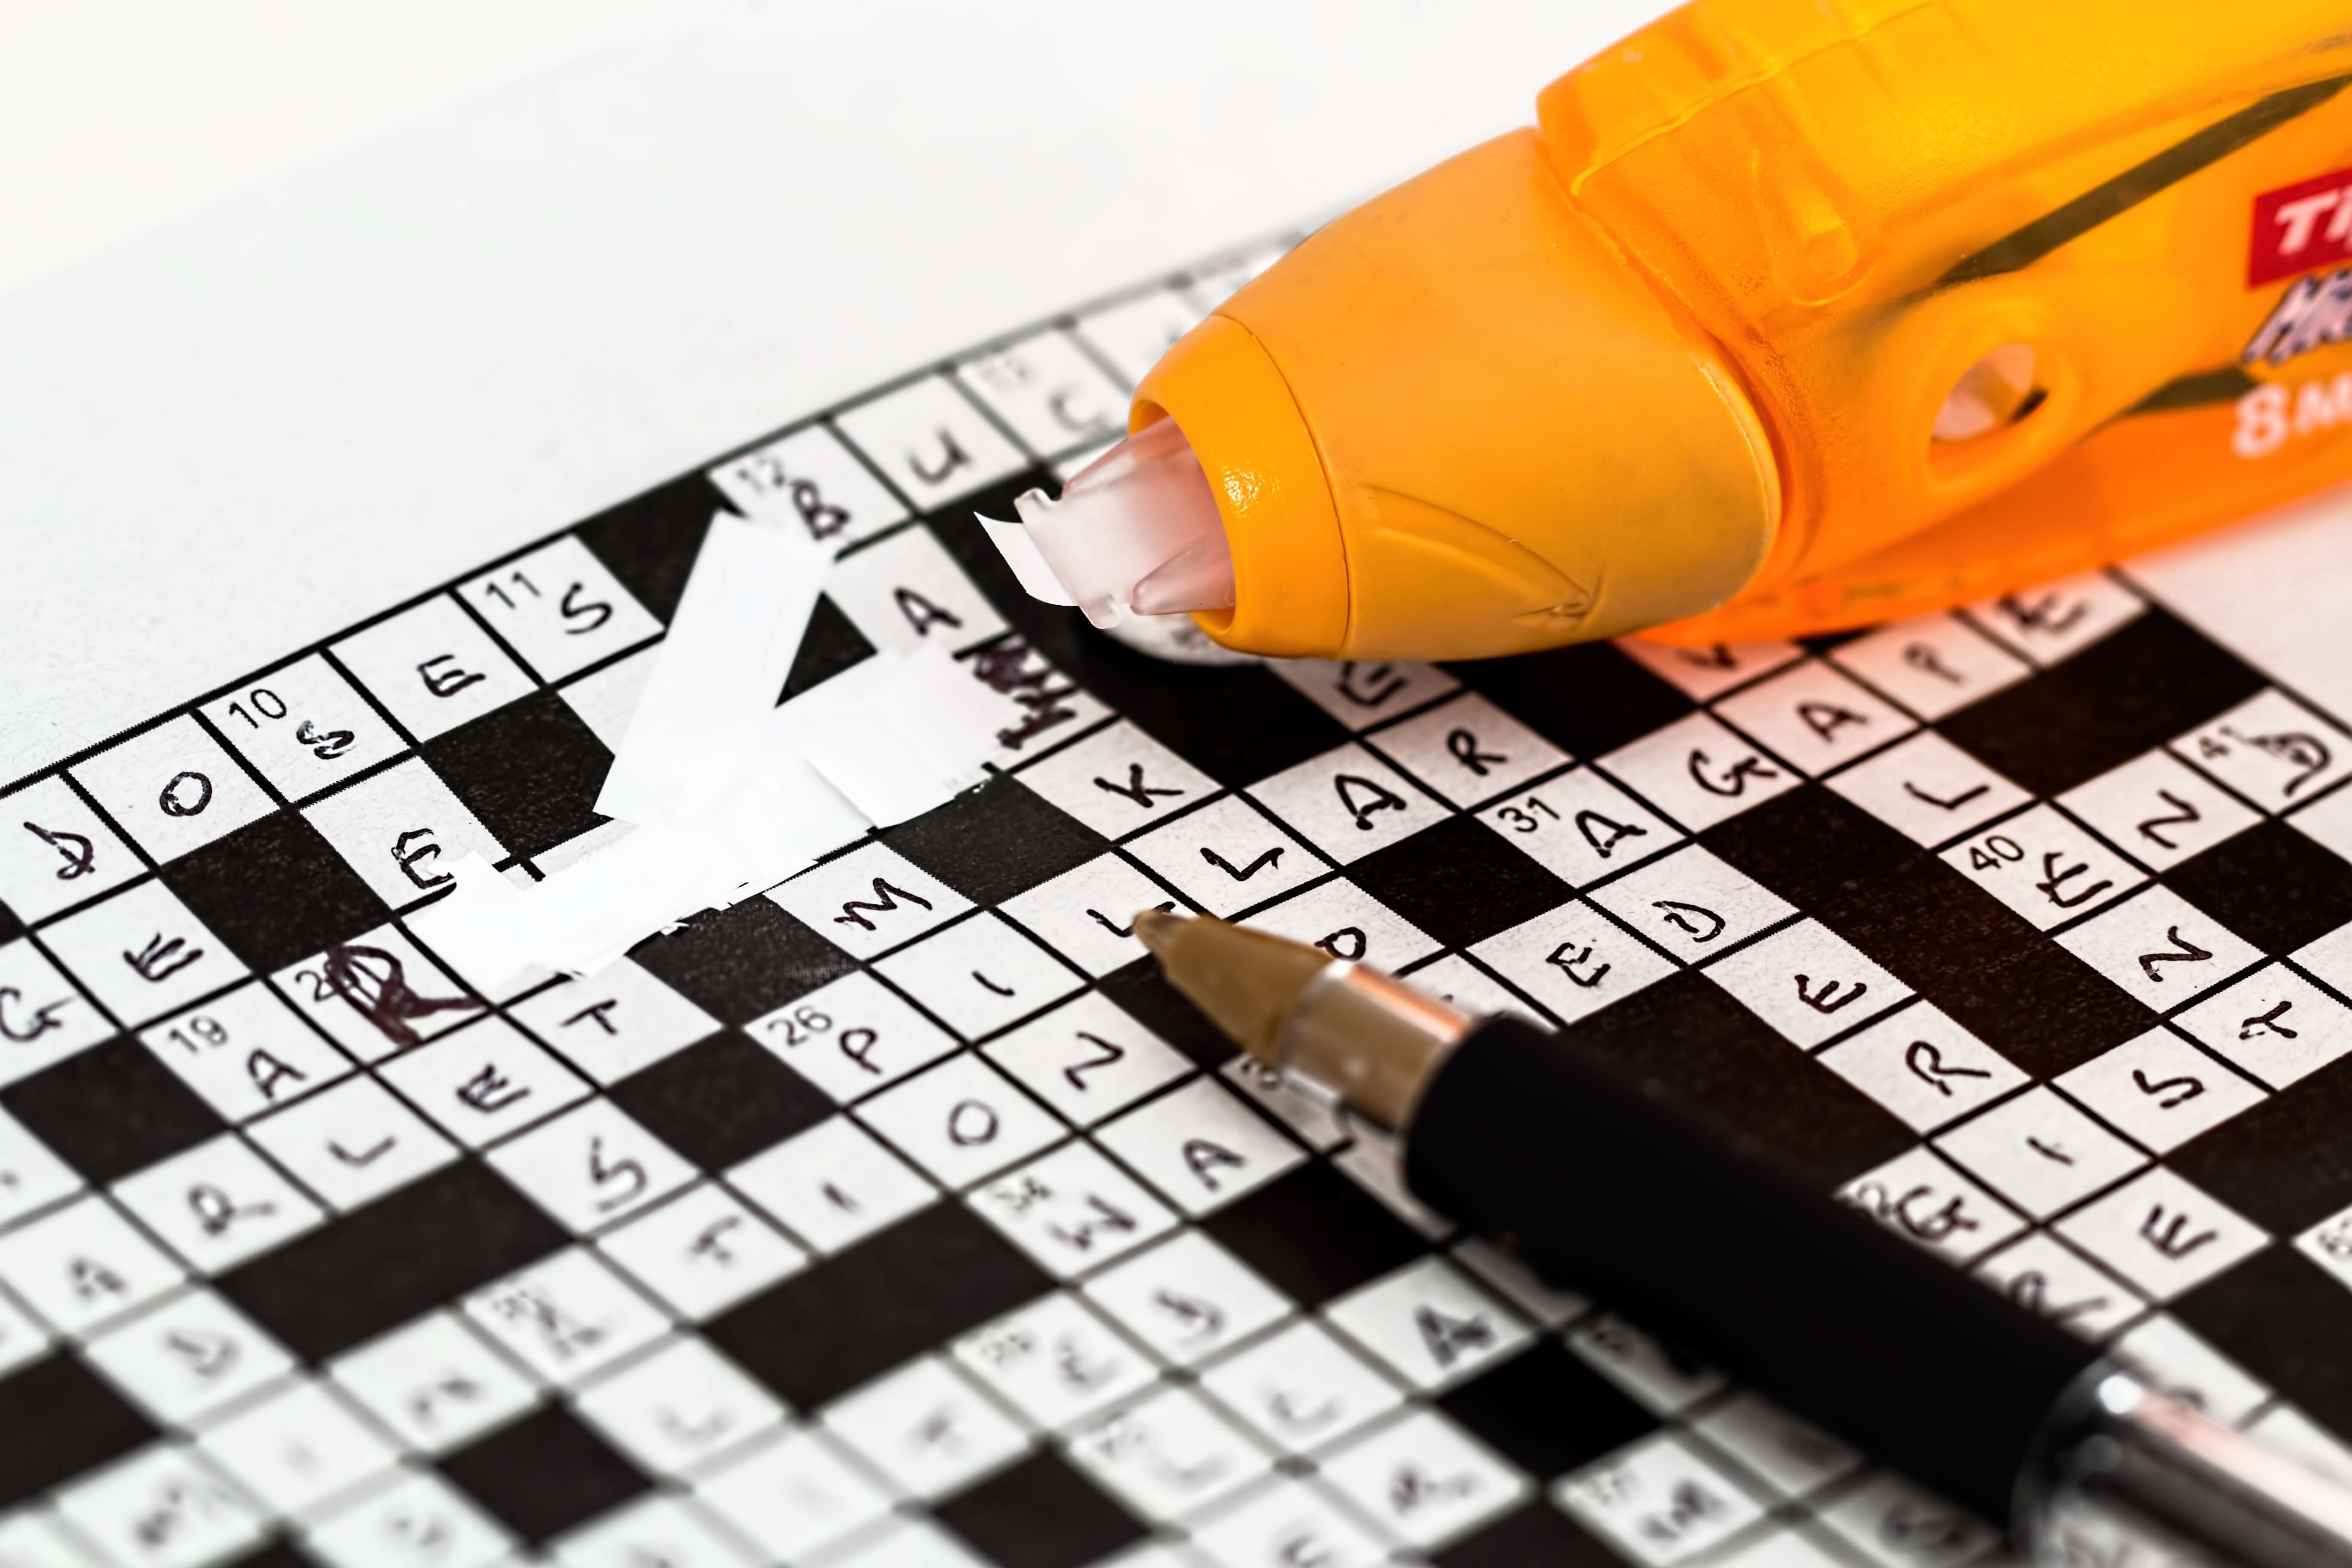 ワードパズルを修正